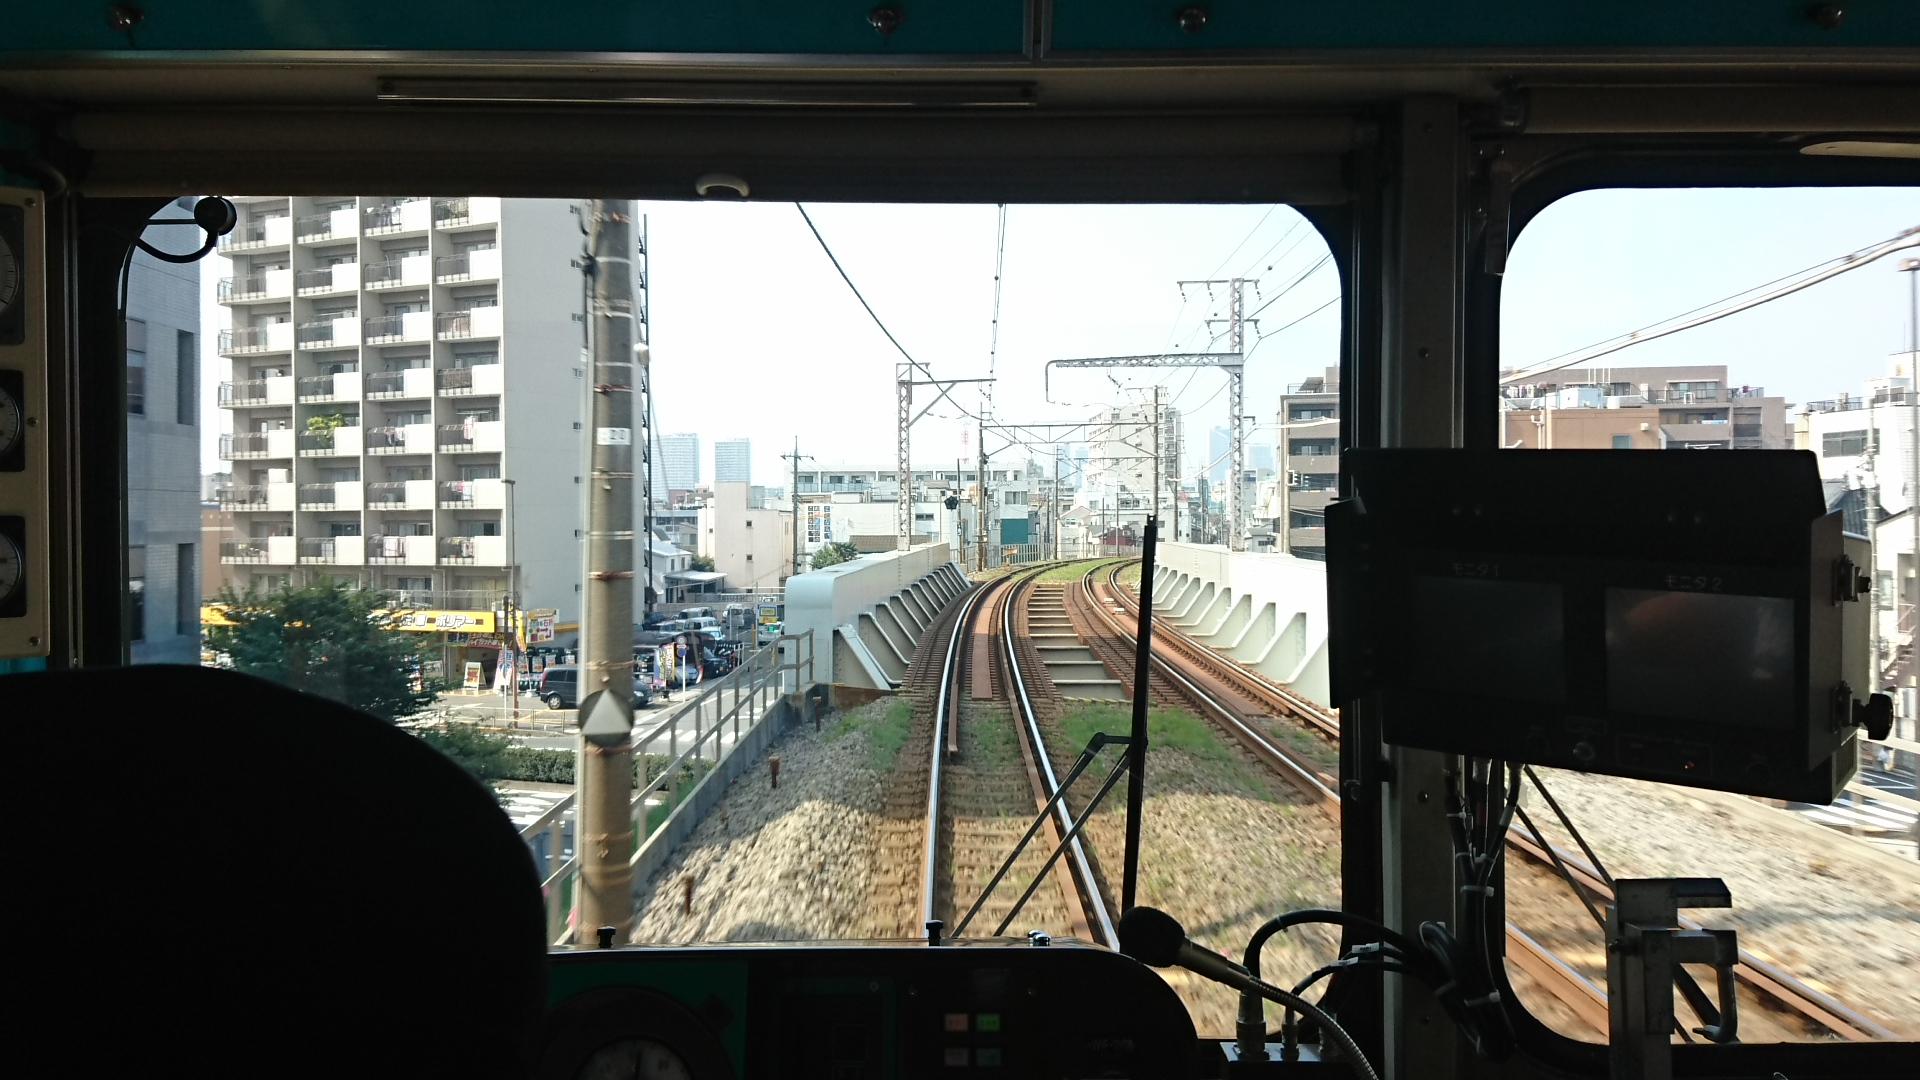 2017.10.12 東京 (46) 五反田いき各停 - 第二京浜 1920-1080